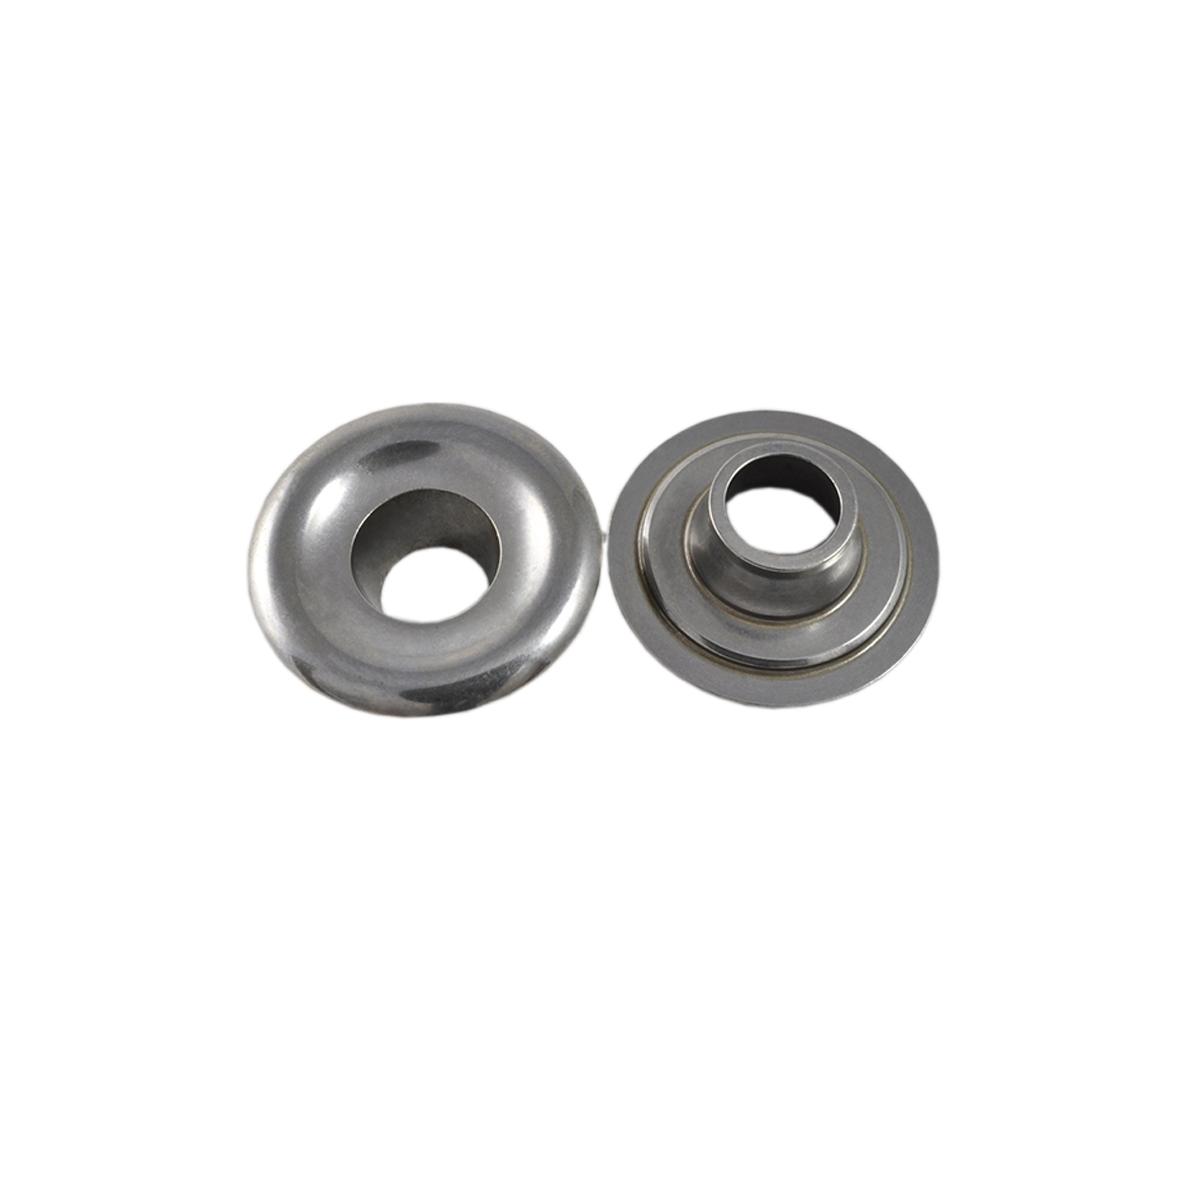 600 Series Tool Steel